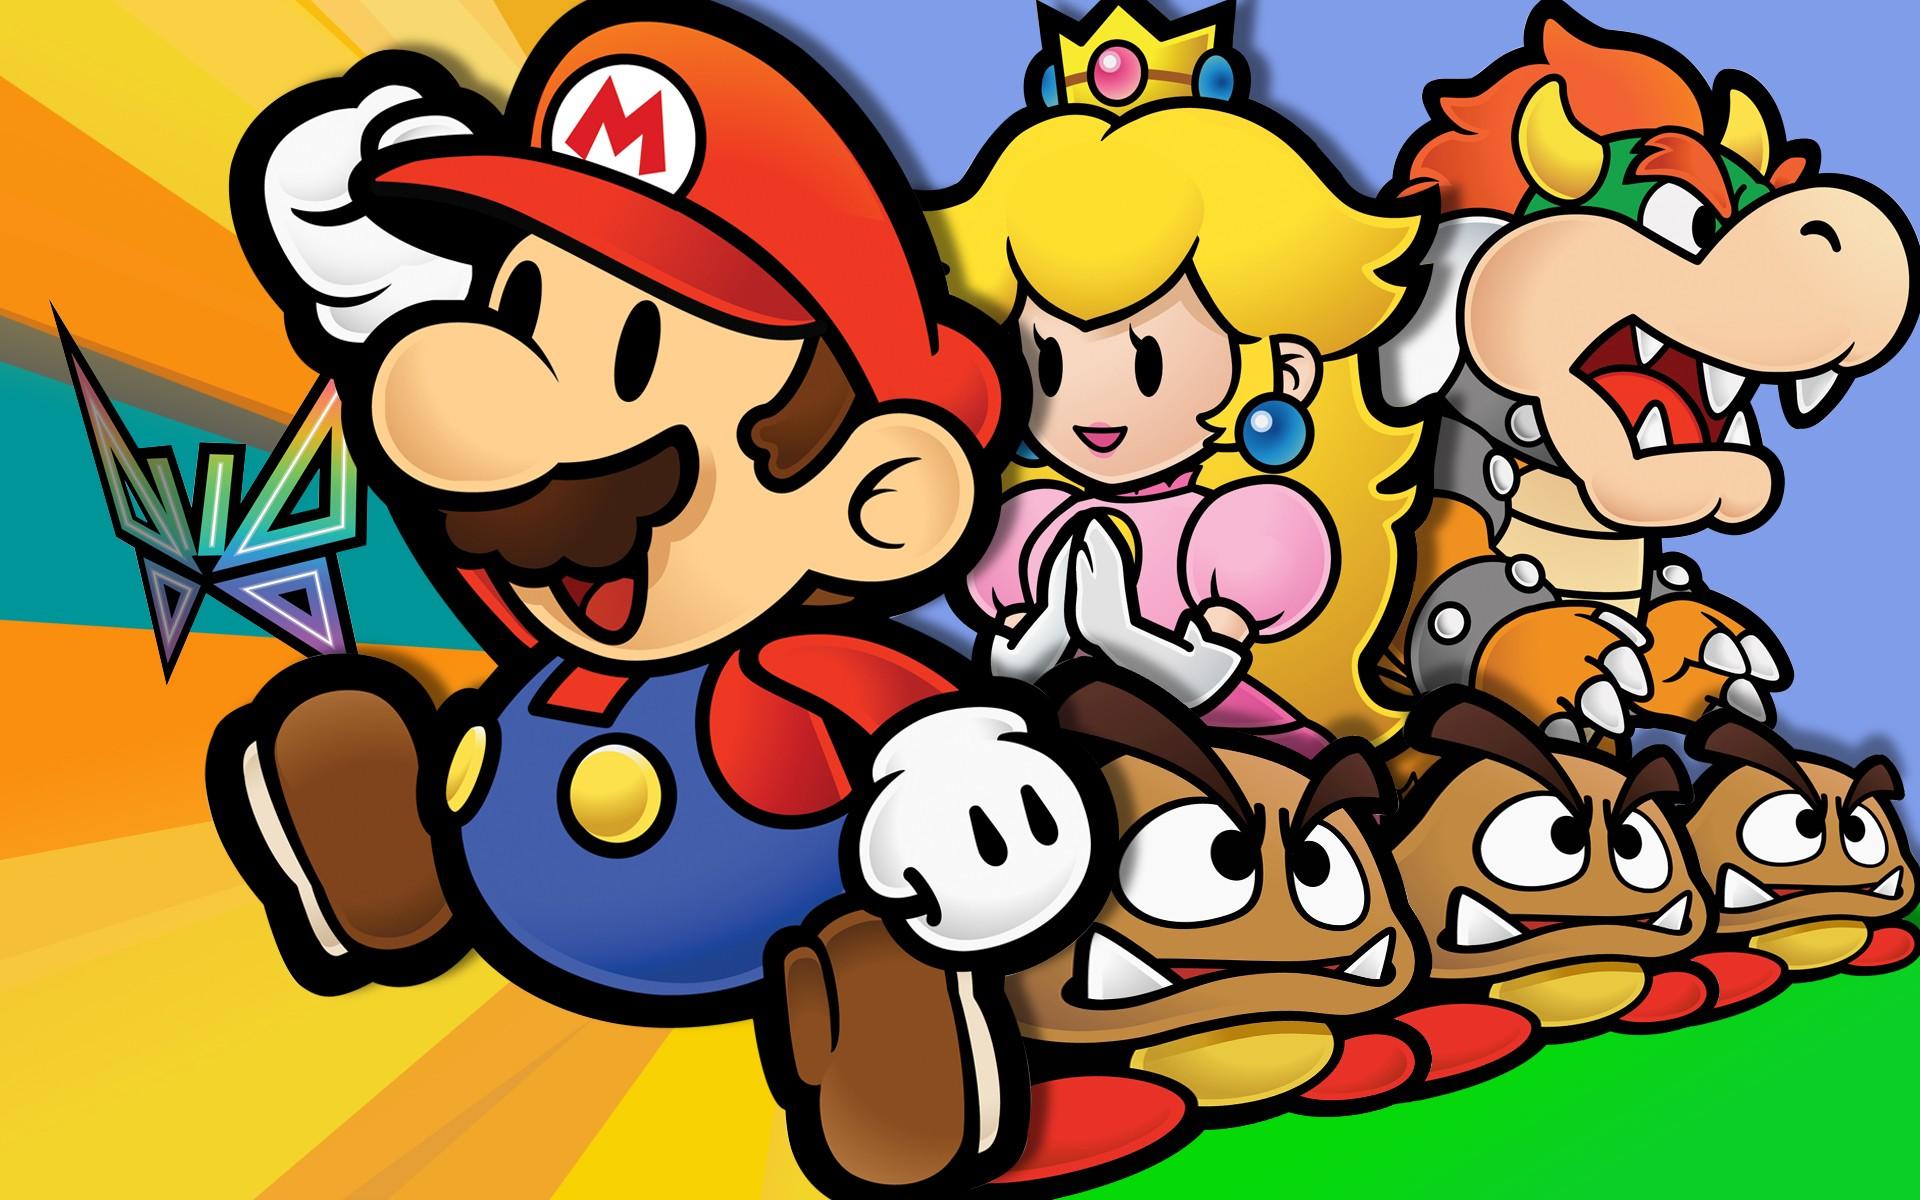 Mario Bros y sus personajes - 1920x1200